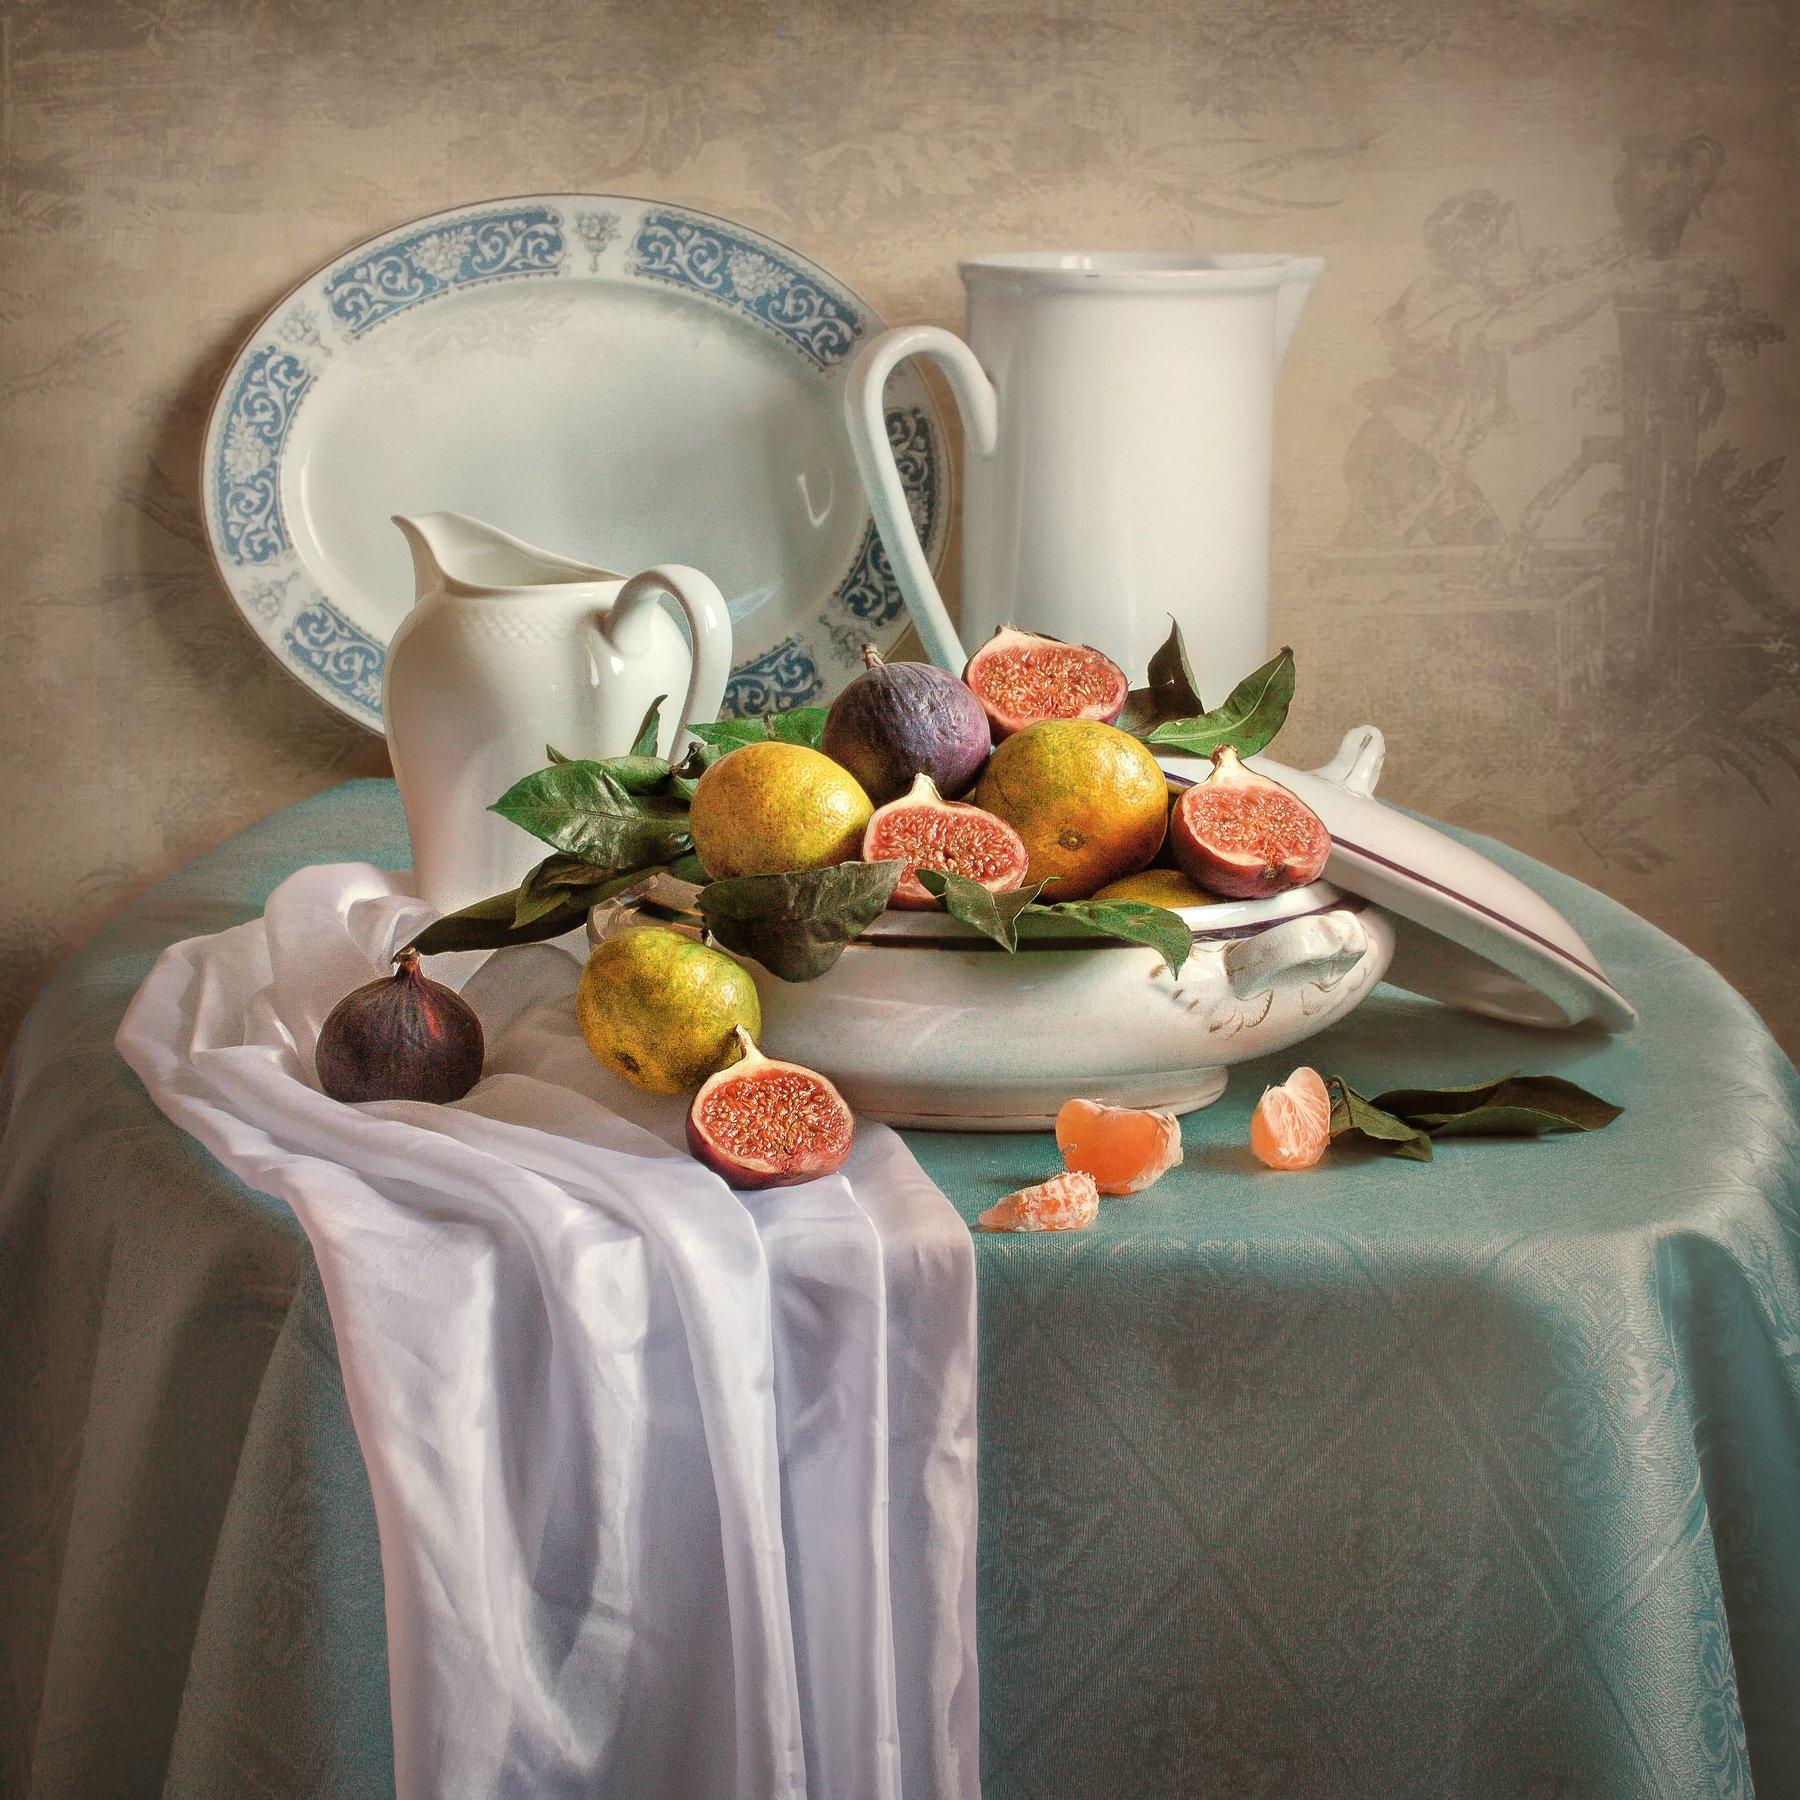 С фарфором и фруктами Анна Петина